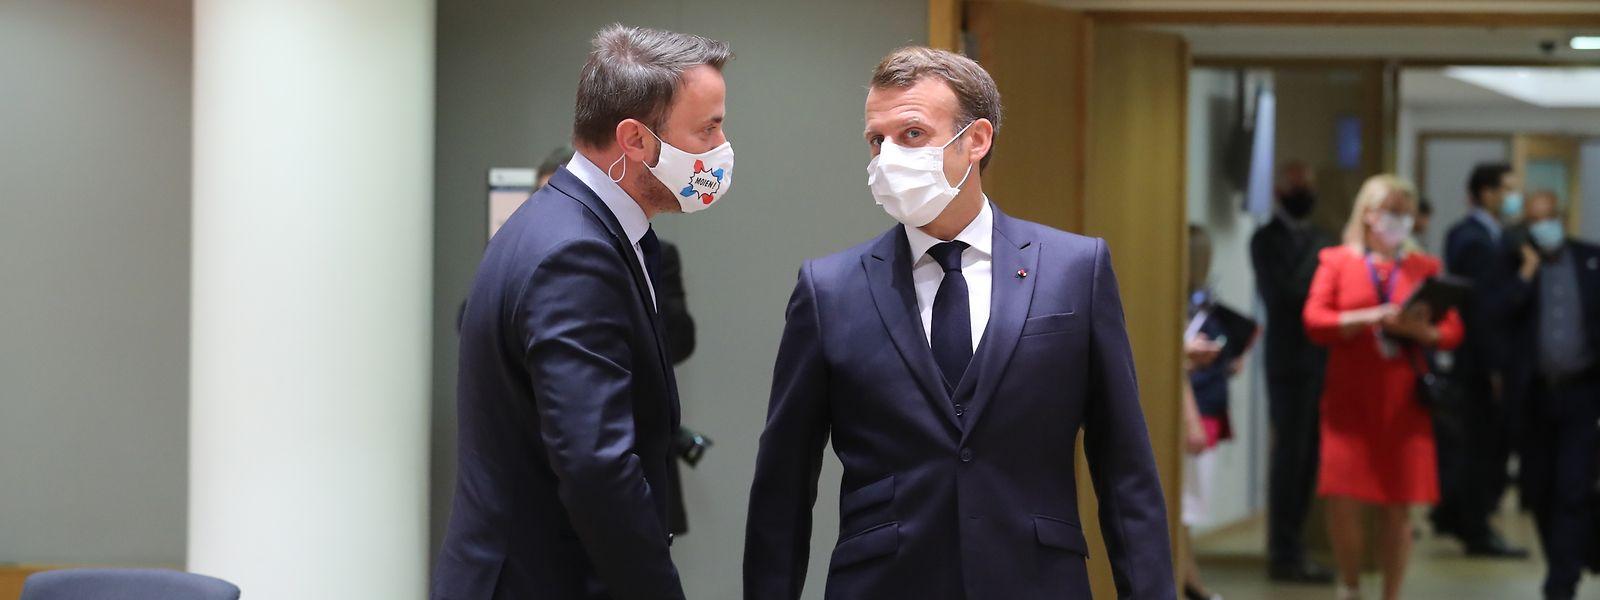 Bettel und Macron bei einem EU-Gipfel im Juli in Brüssel.